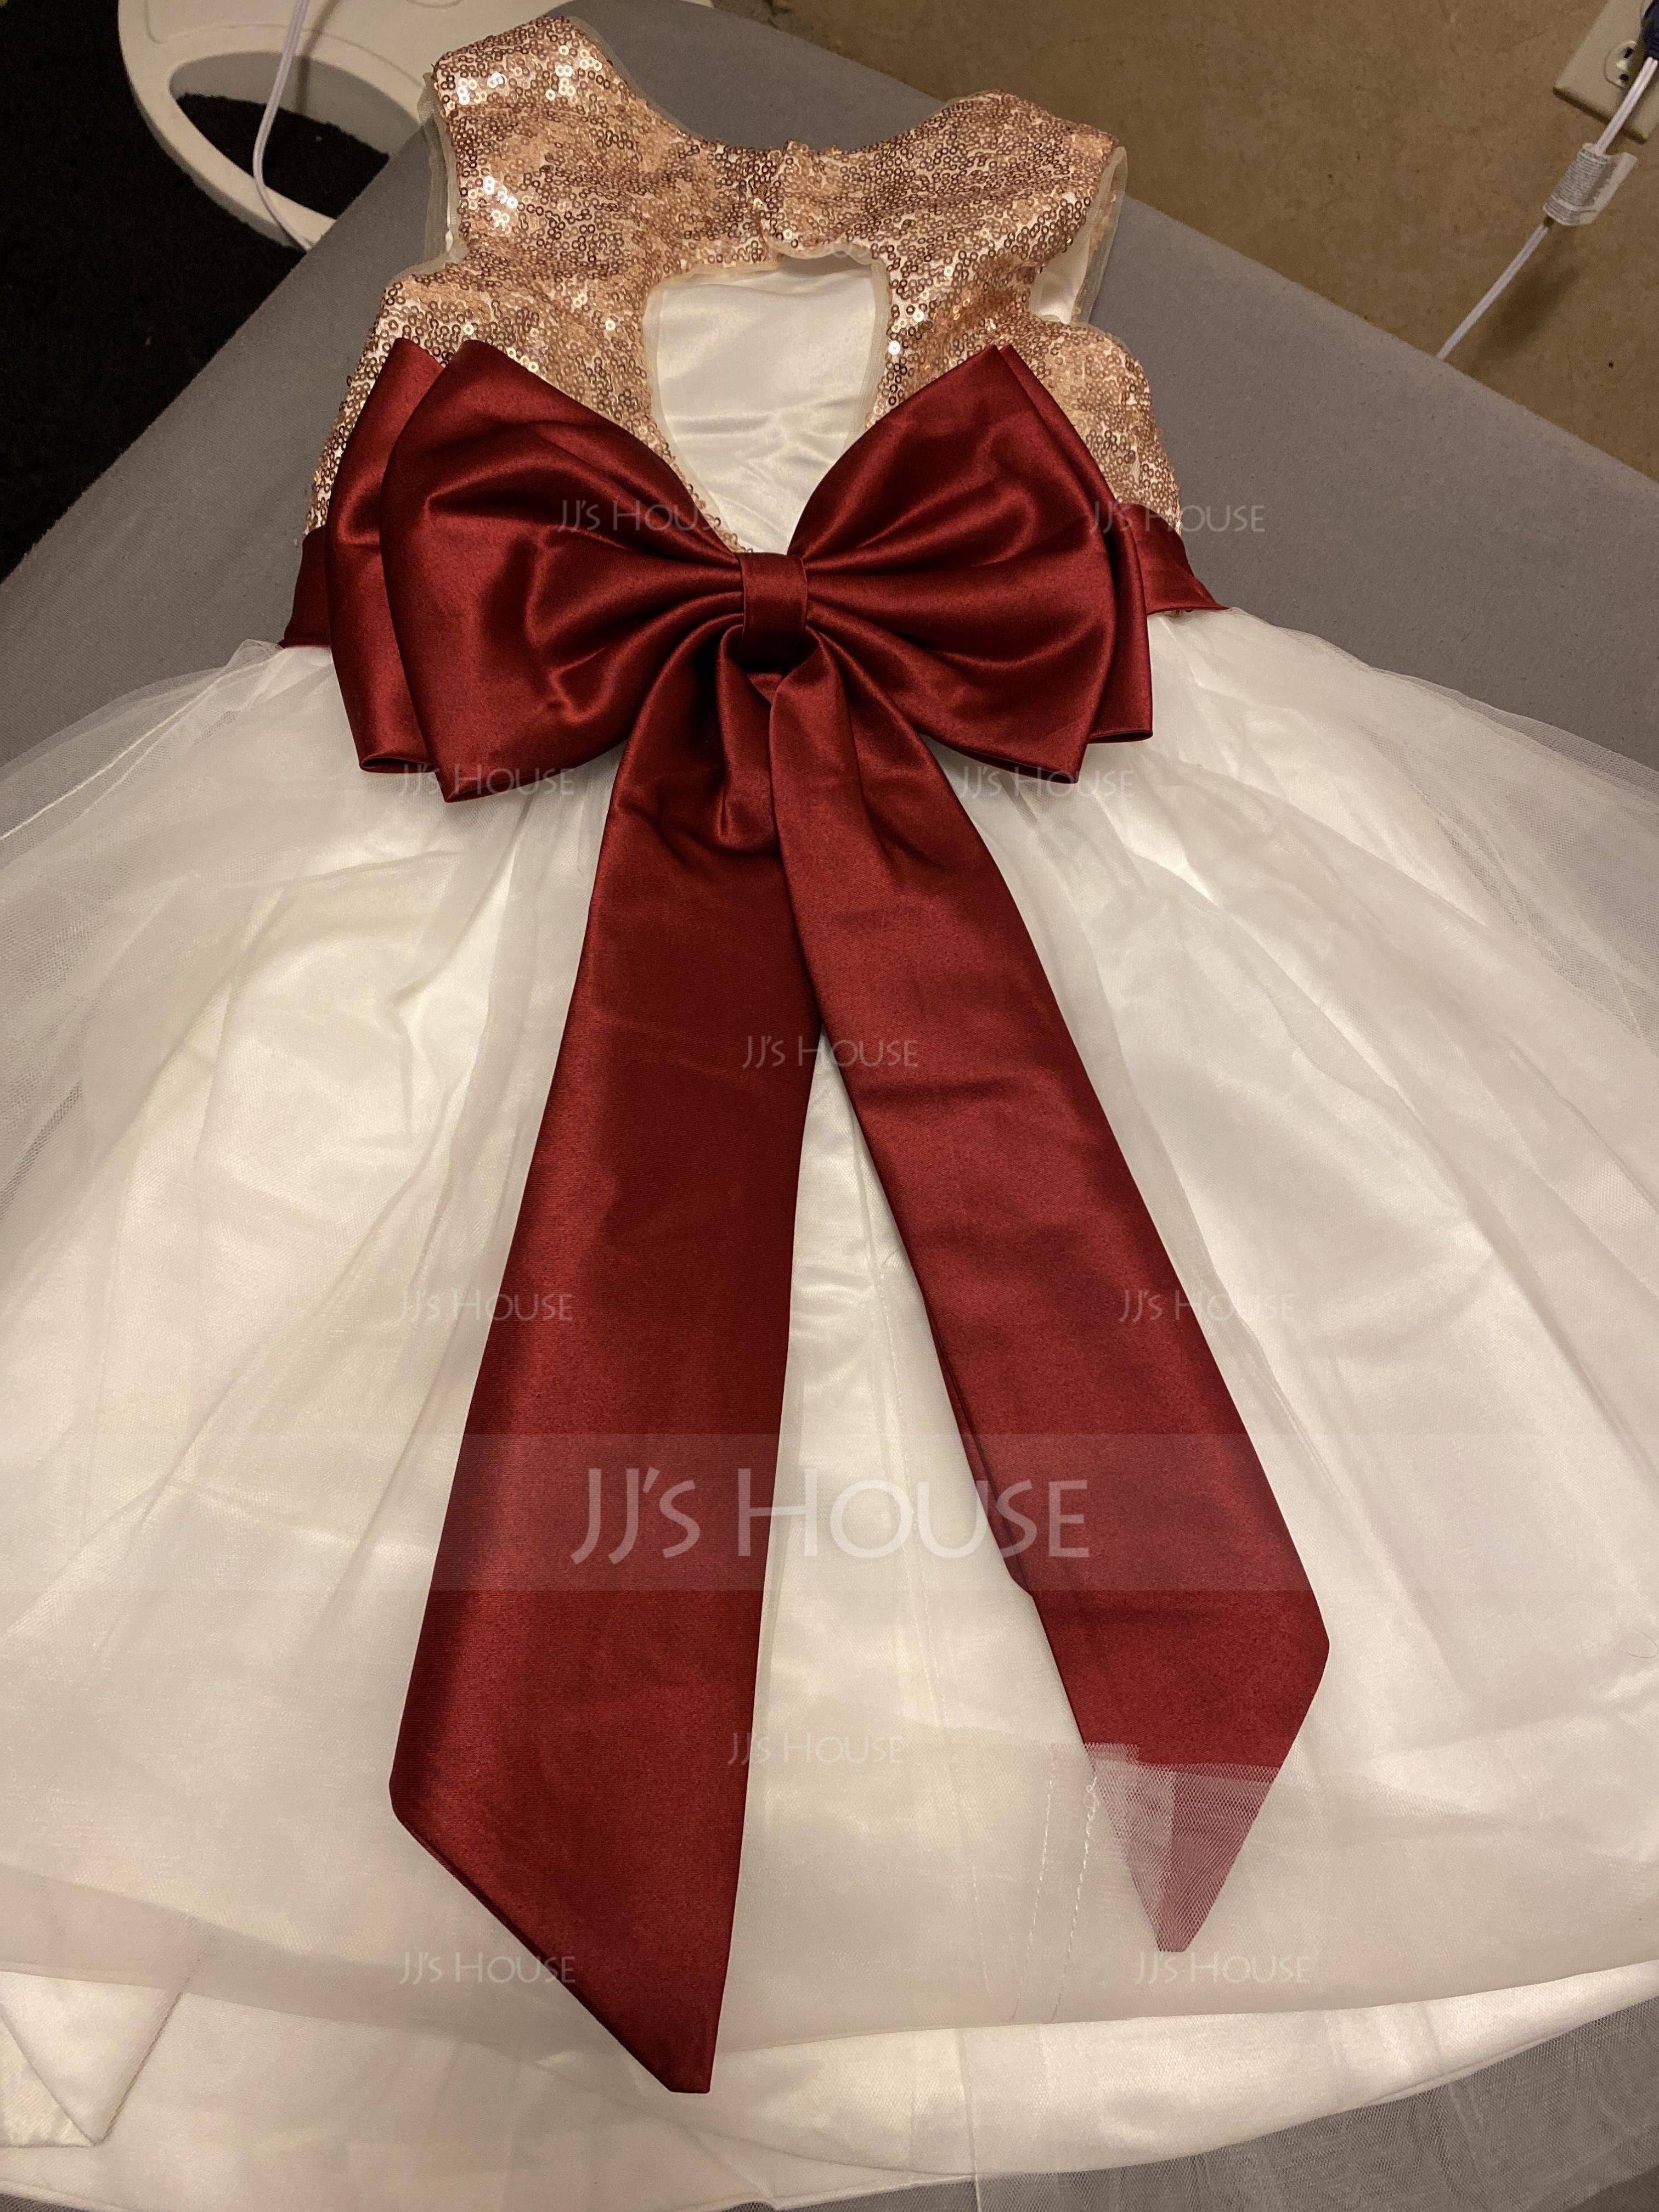 Aライン/プリンセスライン2 膝上丈 フラワーガールのドレス - サテン/チュール/Sequined 袖なし スクープネック とともに スパンコール/弓 着脱不能サッシ